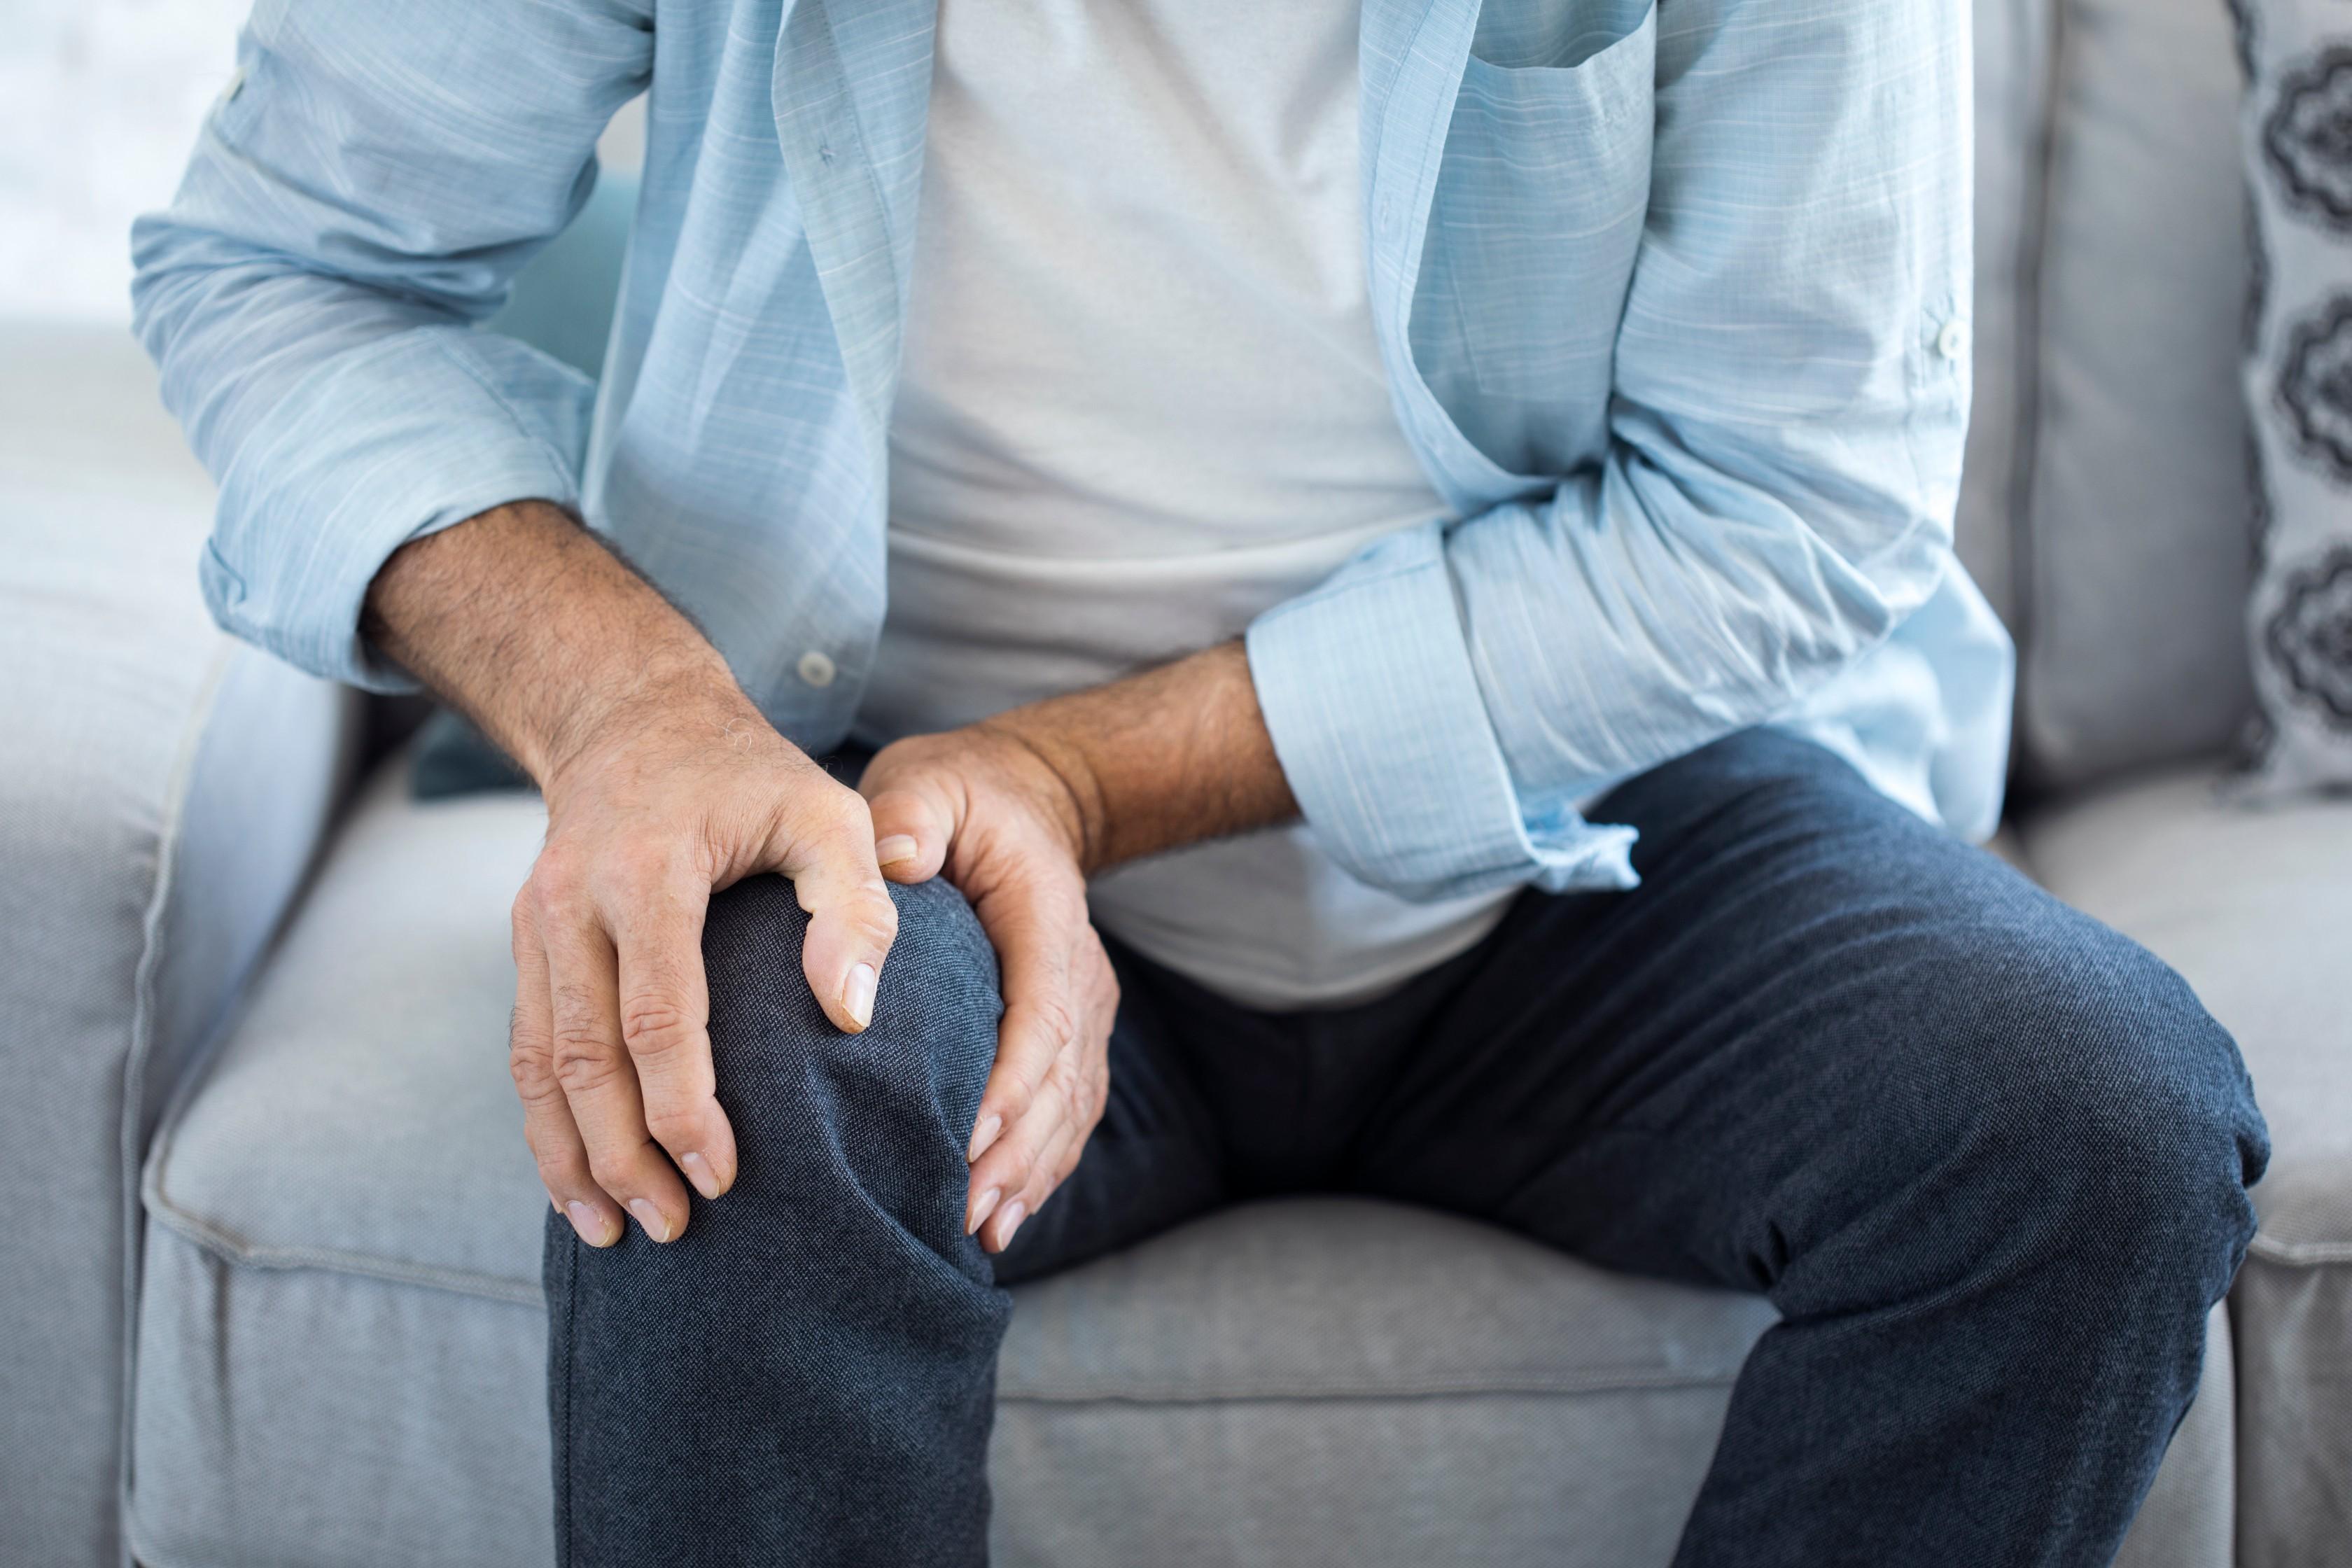 három ízületi gyulladás által érintett ízület az ízületek megsérülnek a fagytól